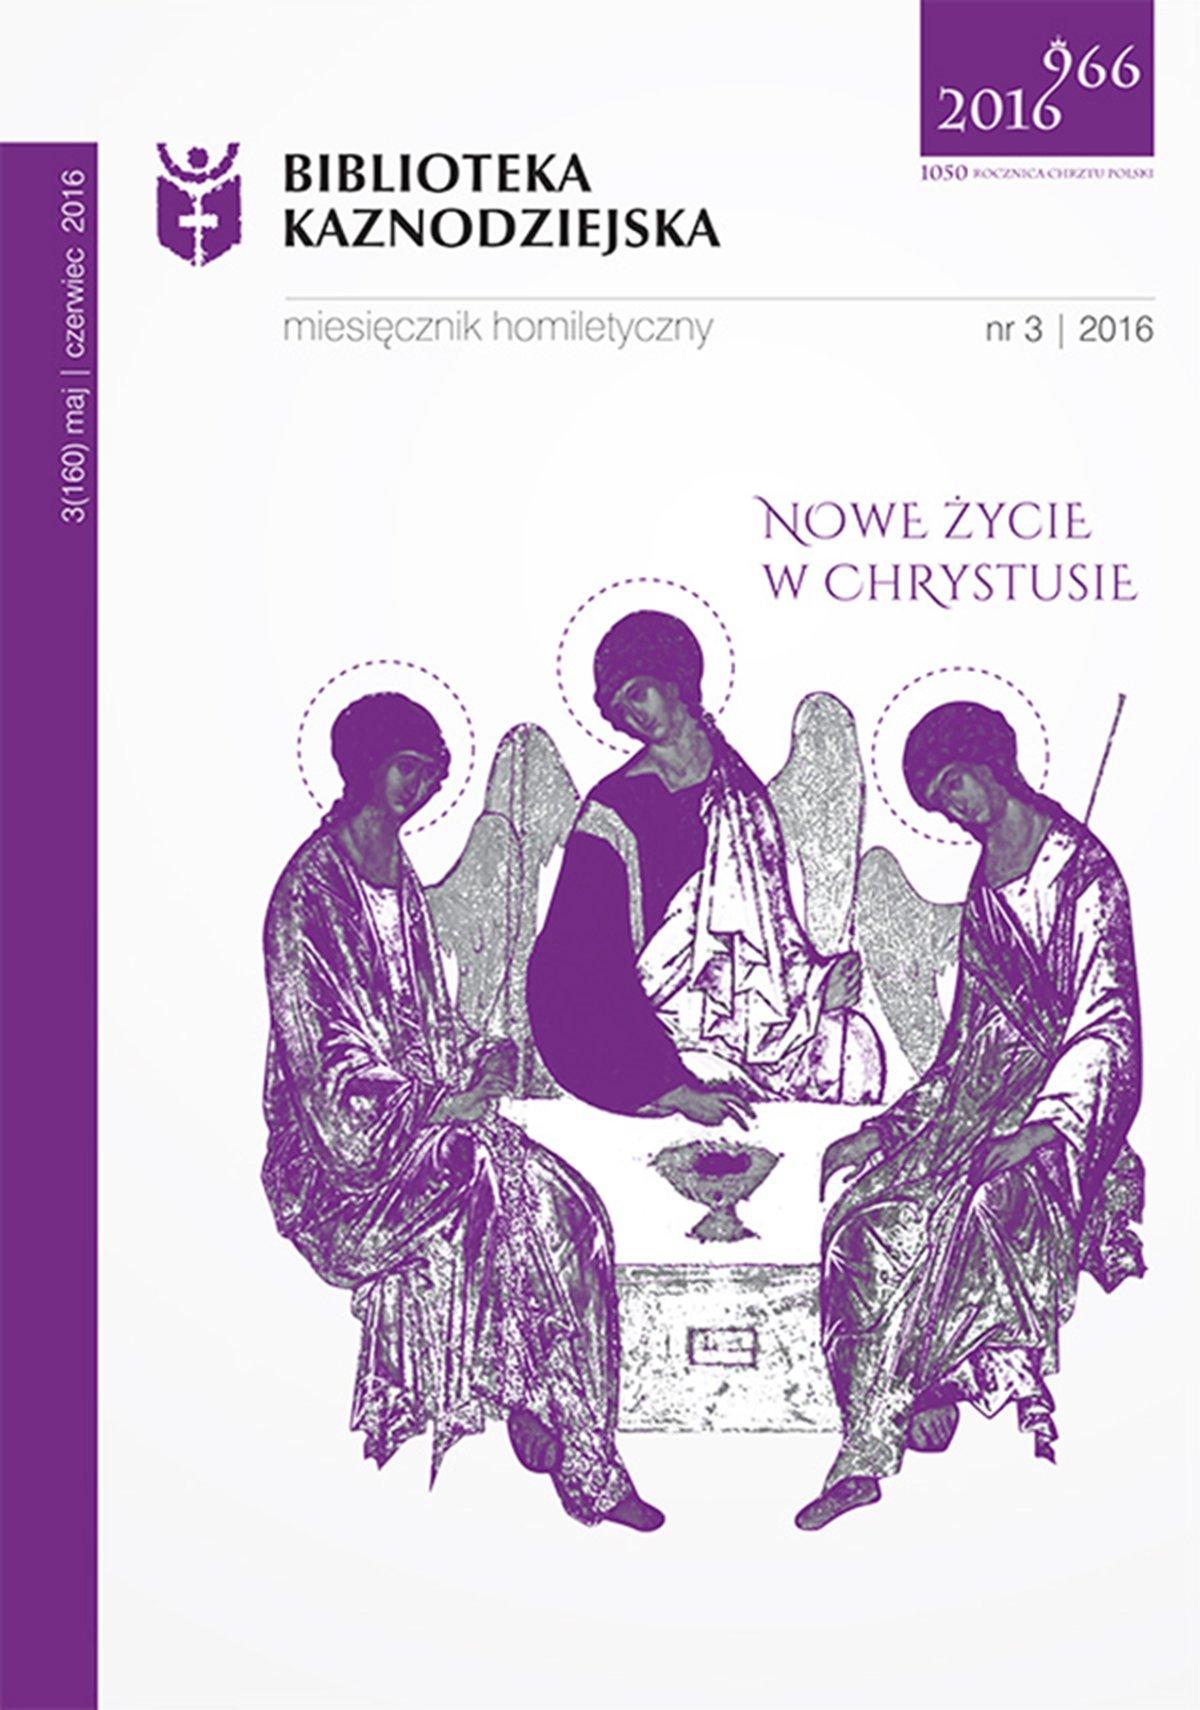 Biblioteka Kaznodziejska nr 03/2016 - Ebook (Książka na Kindle) do pobrania w formacie MOBI